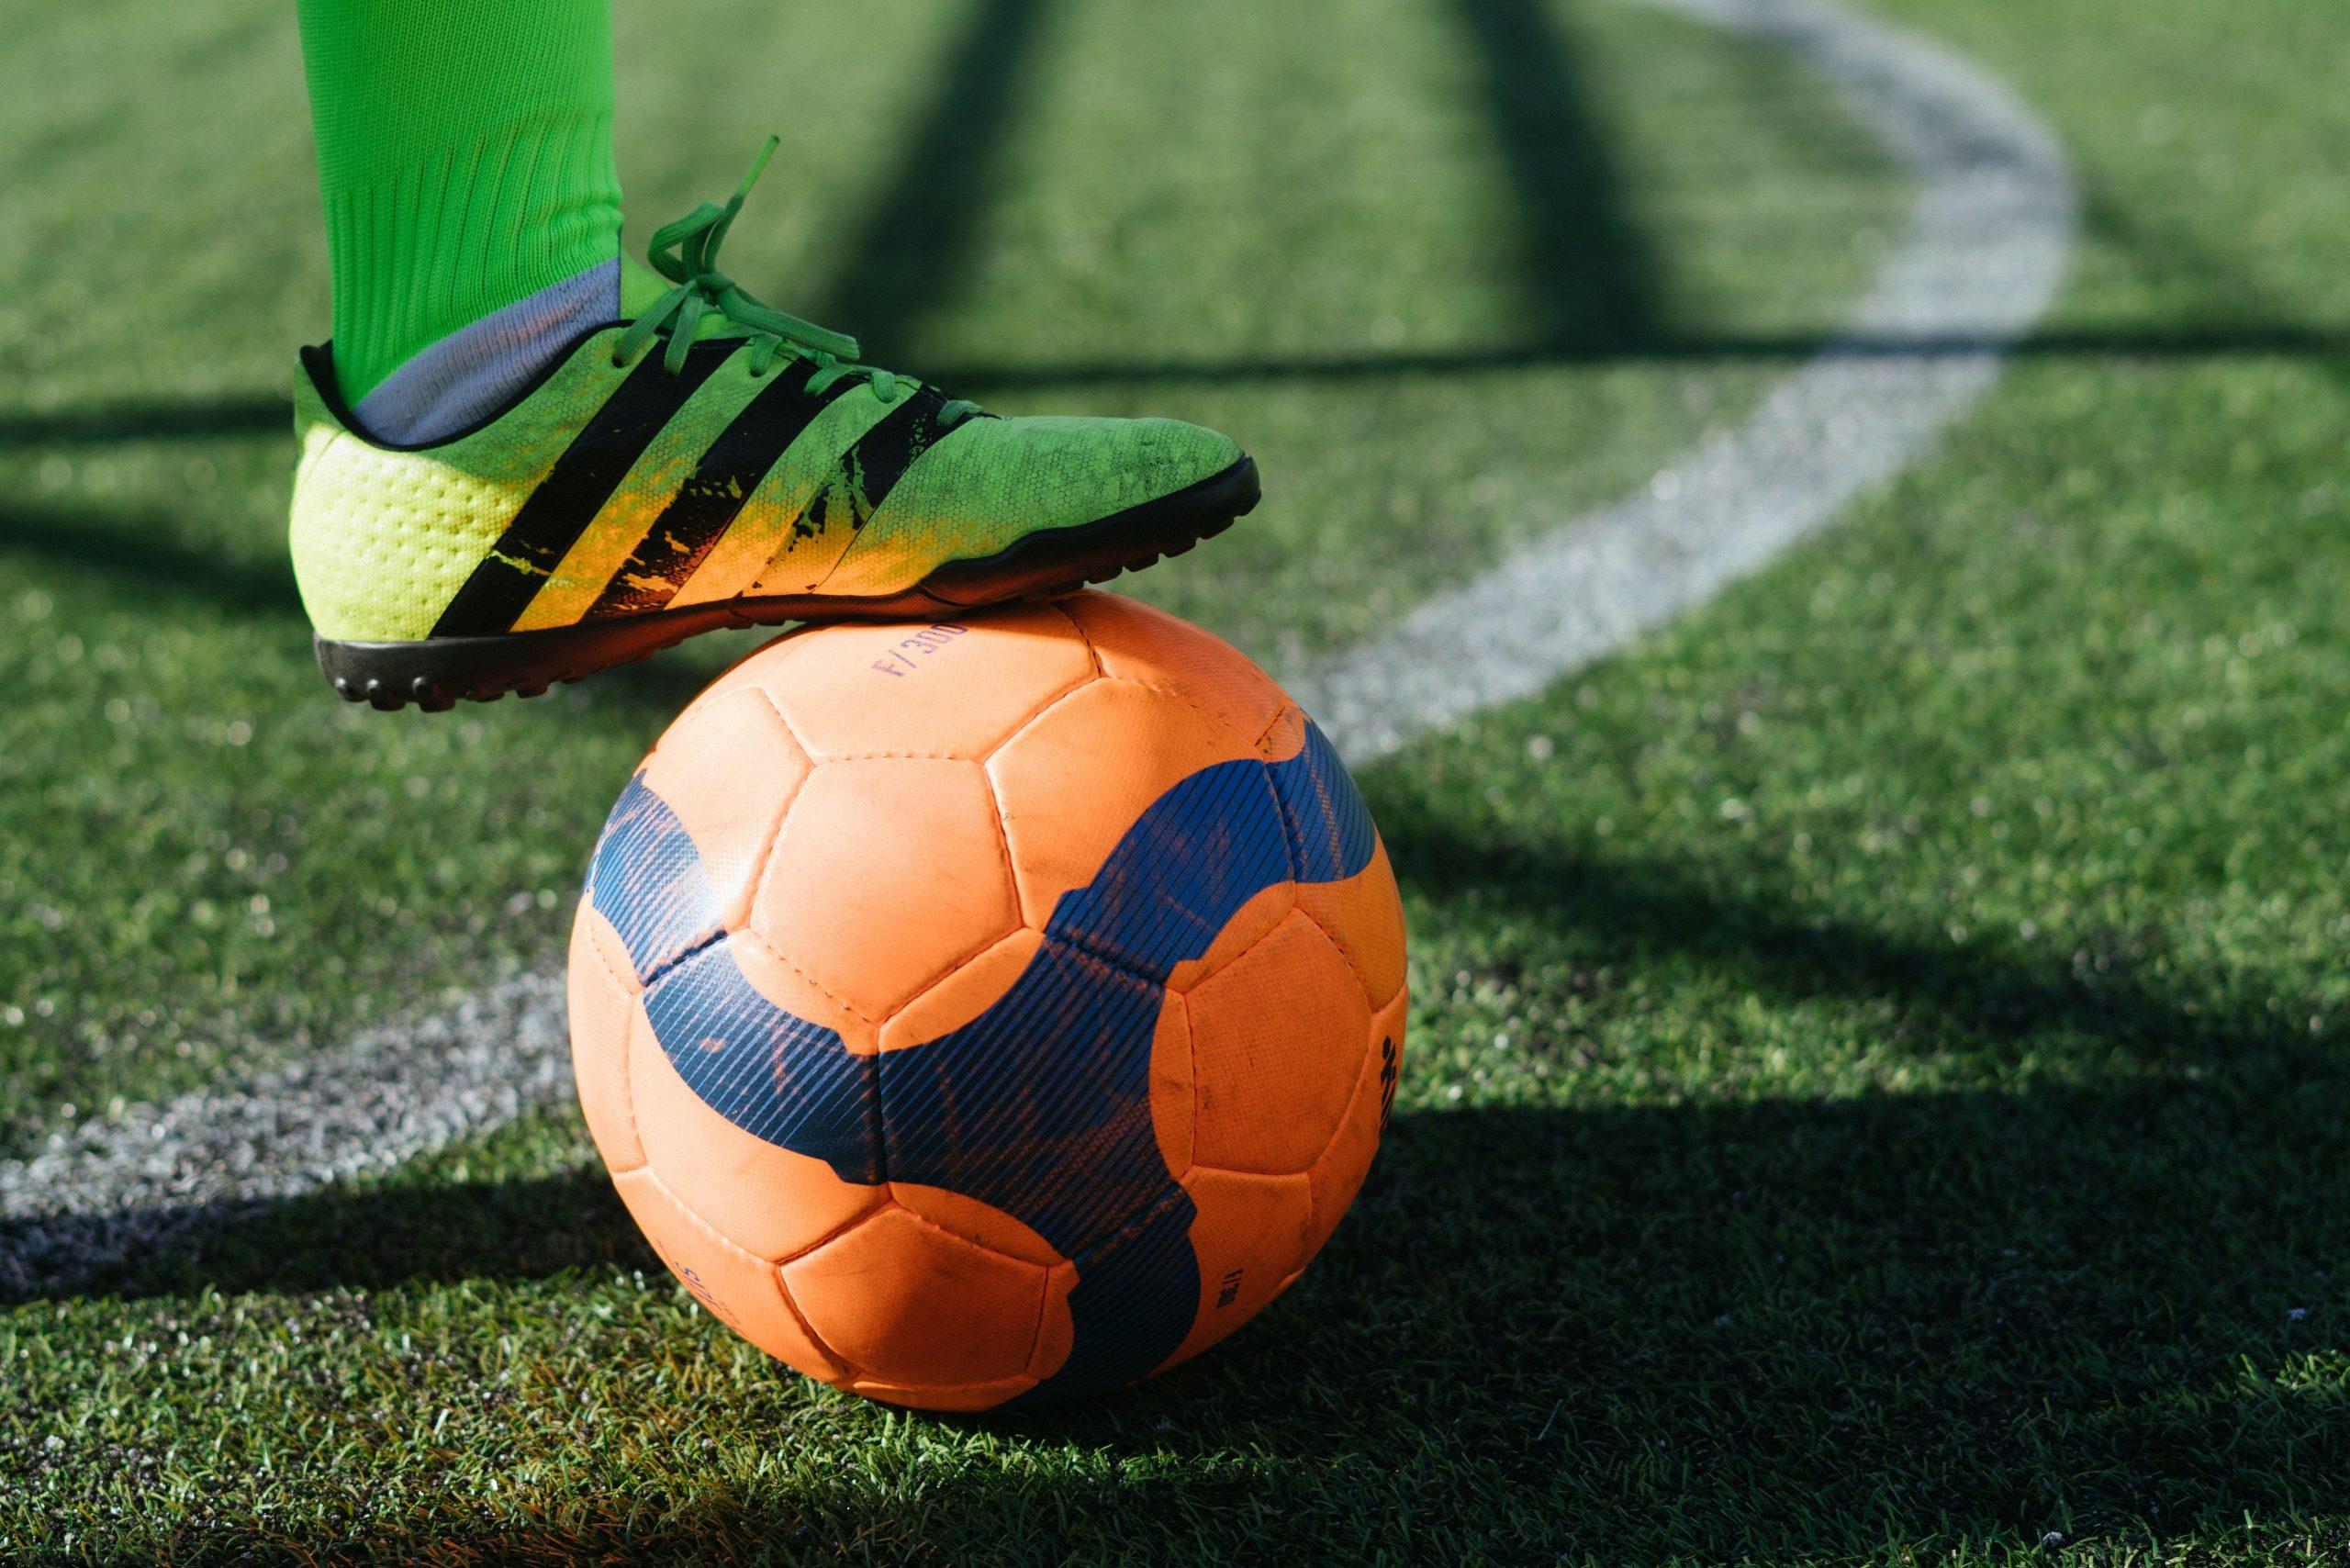 Foto mostra uma bola de futebol society laranja no gramado. Um jogador está com a perna em cima dela.